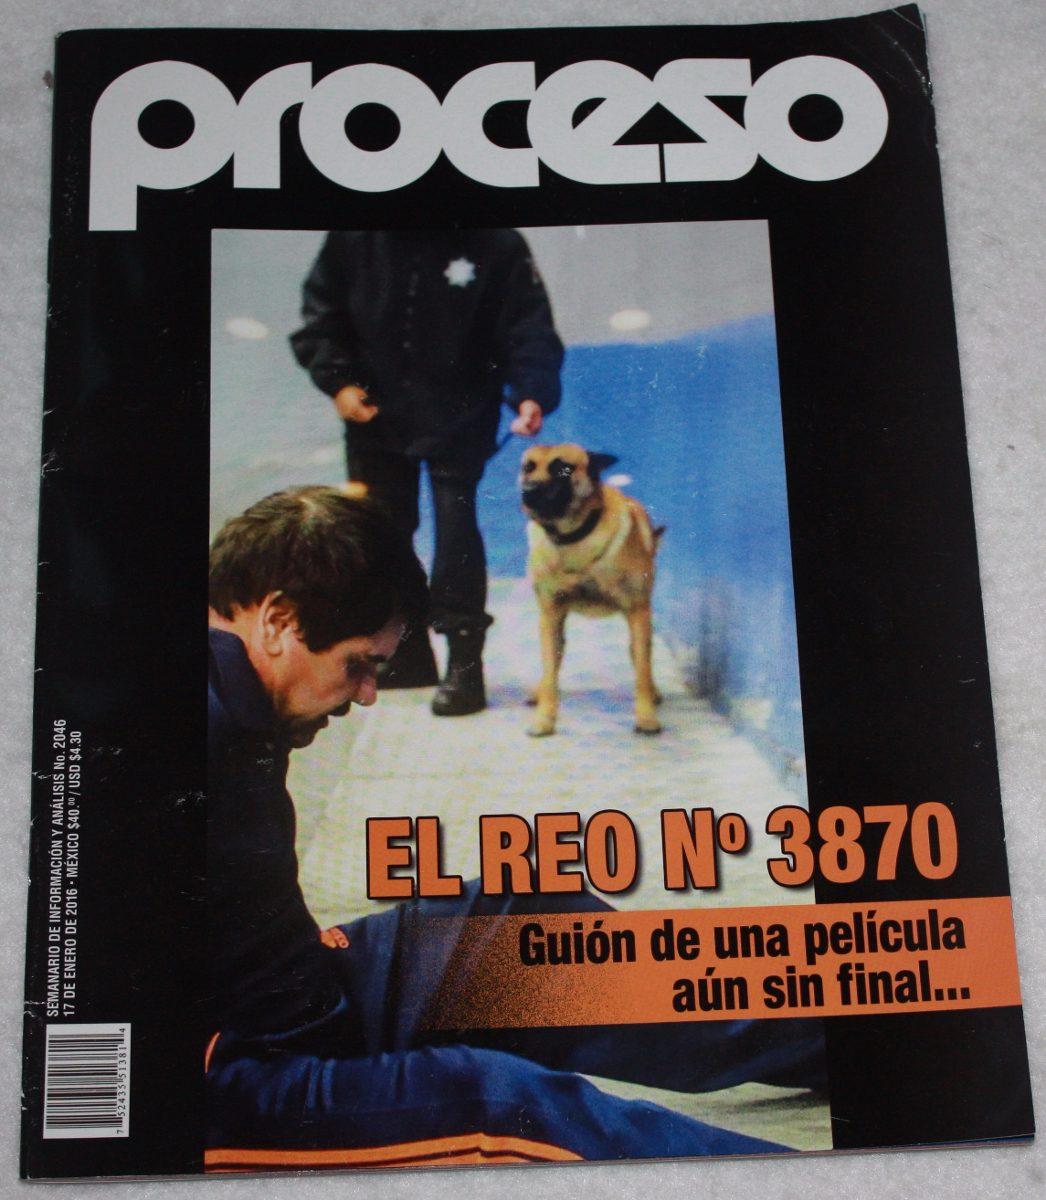 revista-proceso-el-reo-no-3870-D_NQ_NP_548611-MLM20603592725_022016-F.jpg